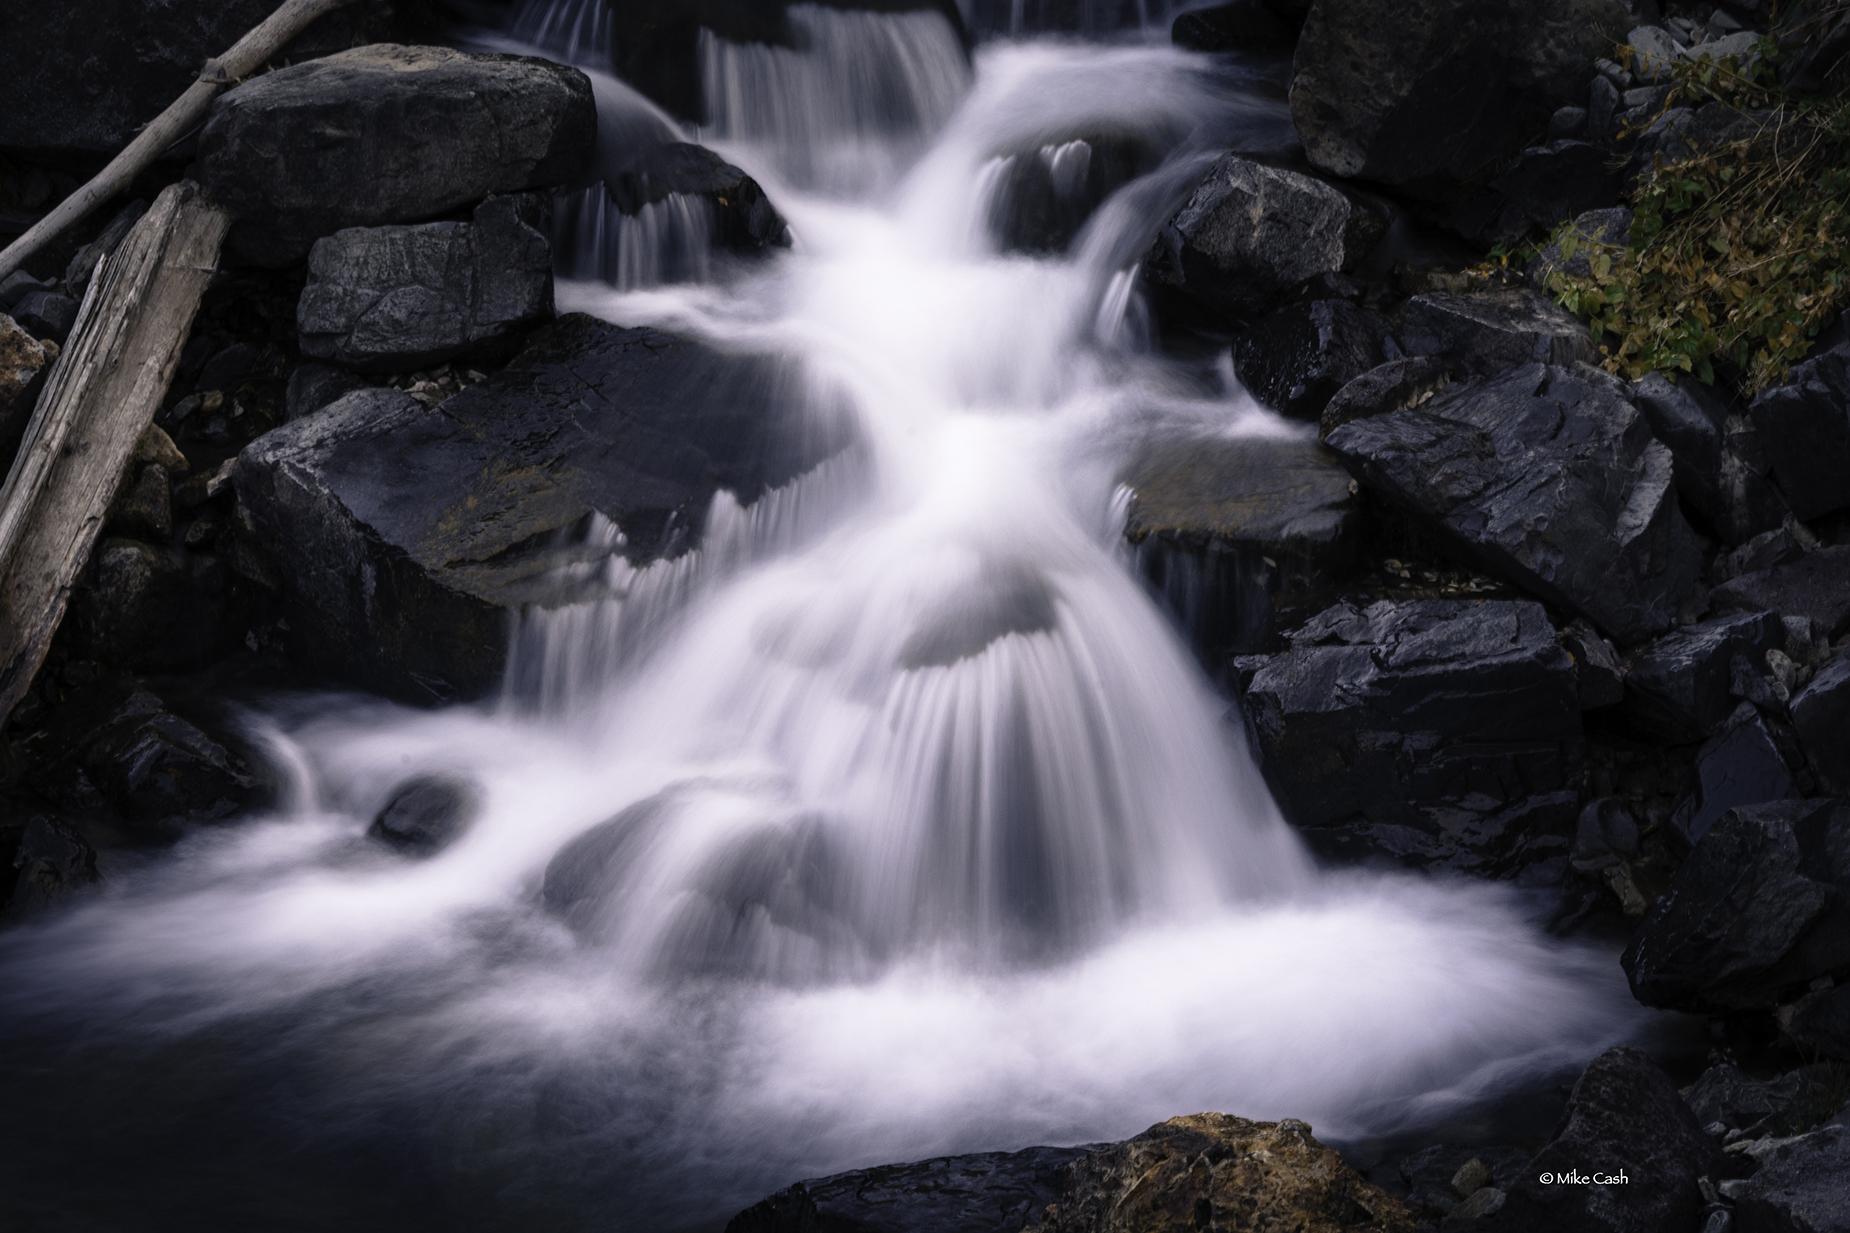 Bottom cascade of the falls near Yankee Boy Basin